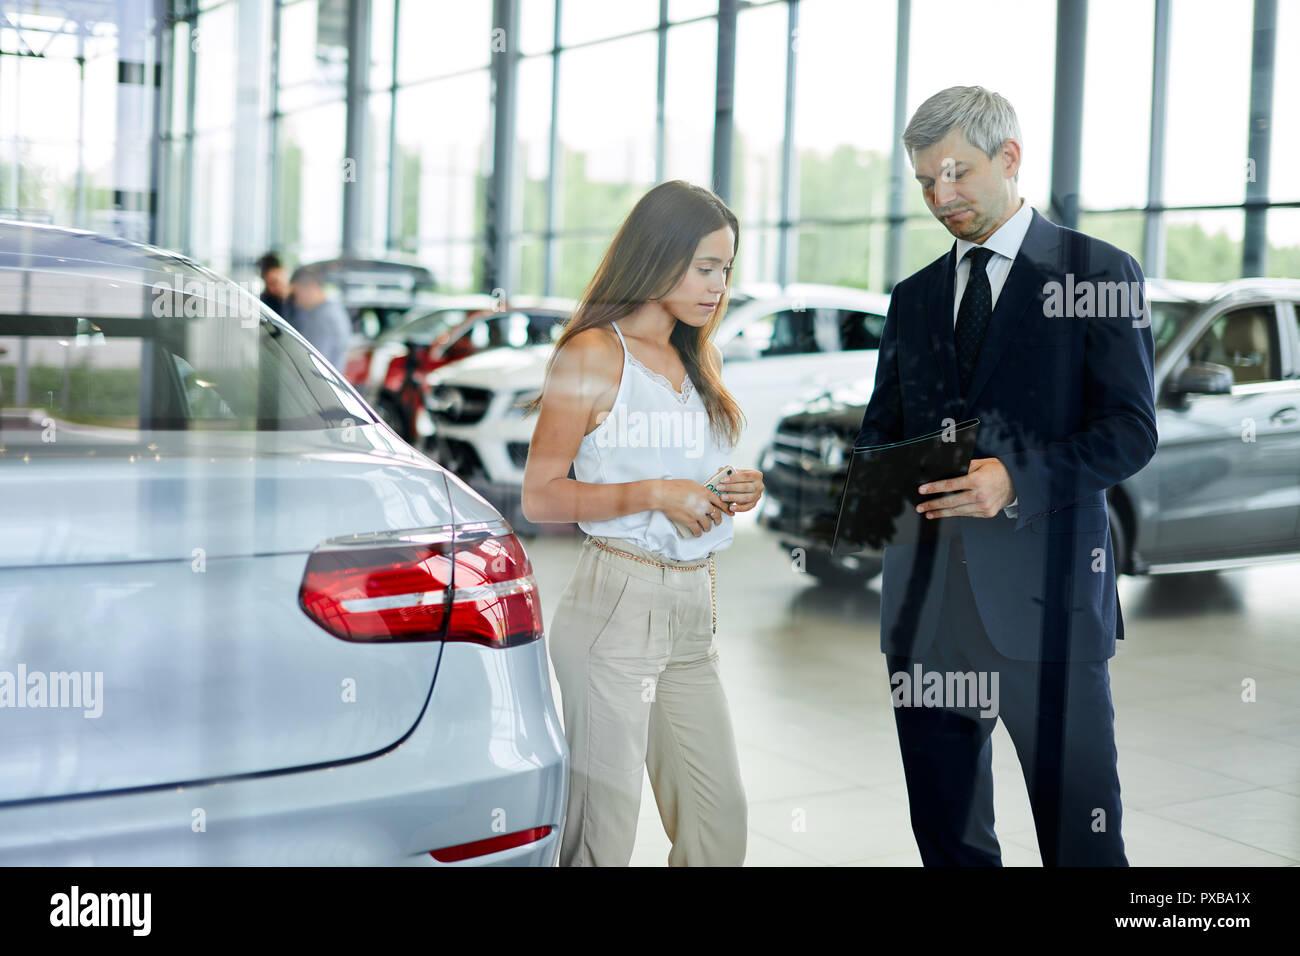 Junge weibliche Kundin fragt nach reifen Sales Manager im Autohaus zu helfen. Stockbild